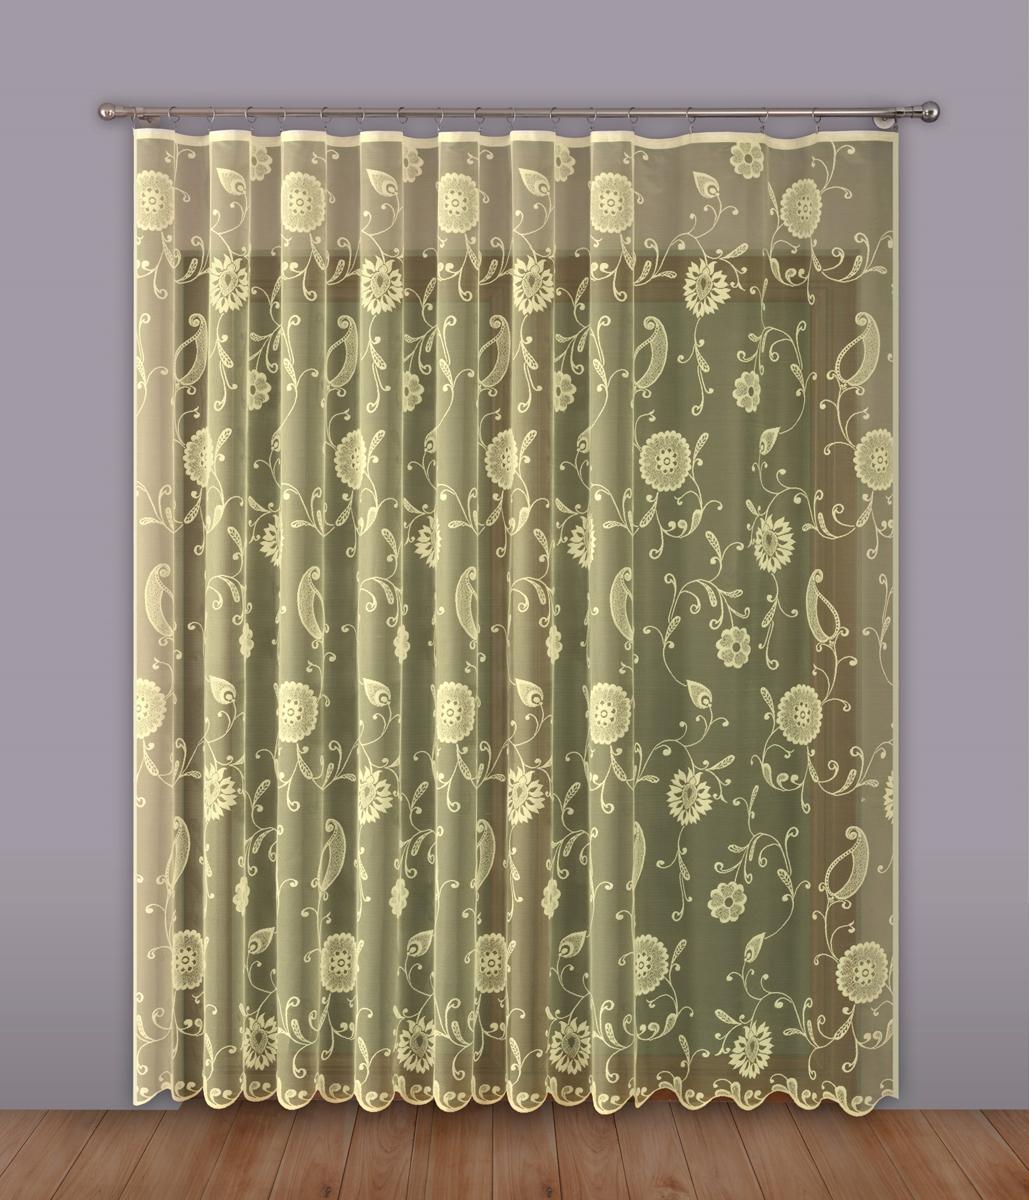 Тюль P Primavera Firany, на ленте, цвет: кремовый, высота 270 см, ширина 160 см. 11102971110297Тюль P Primavera Firany нежного цвета изготовлен из 100% полиэстера. Воздушная ткань привлечет к себе внимание и идеально оформит интерьер любого помещения. Полиэстер - вид ткани, состоящий из полиэфирных волокон. Ткани из полиэстера легкие, прочные и износостойкие. Такие изделия не требуют специального ухода, не пылятся и почти не мнутся. Крепление к карнизу осуществляется при помощи вшитой шторной ленты.